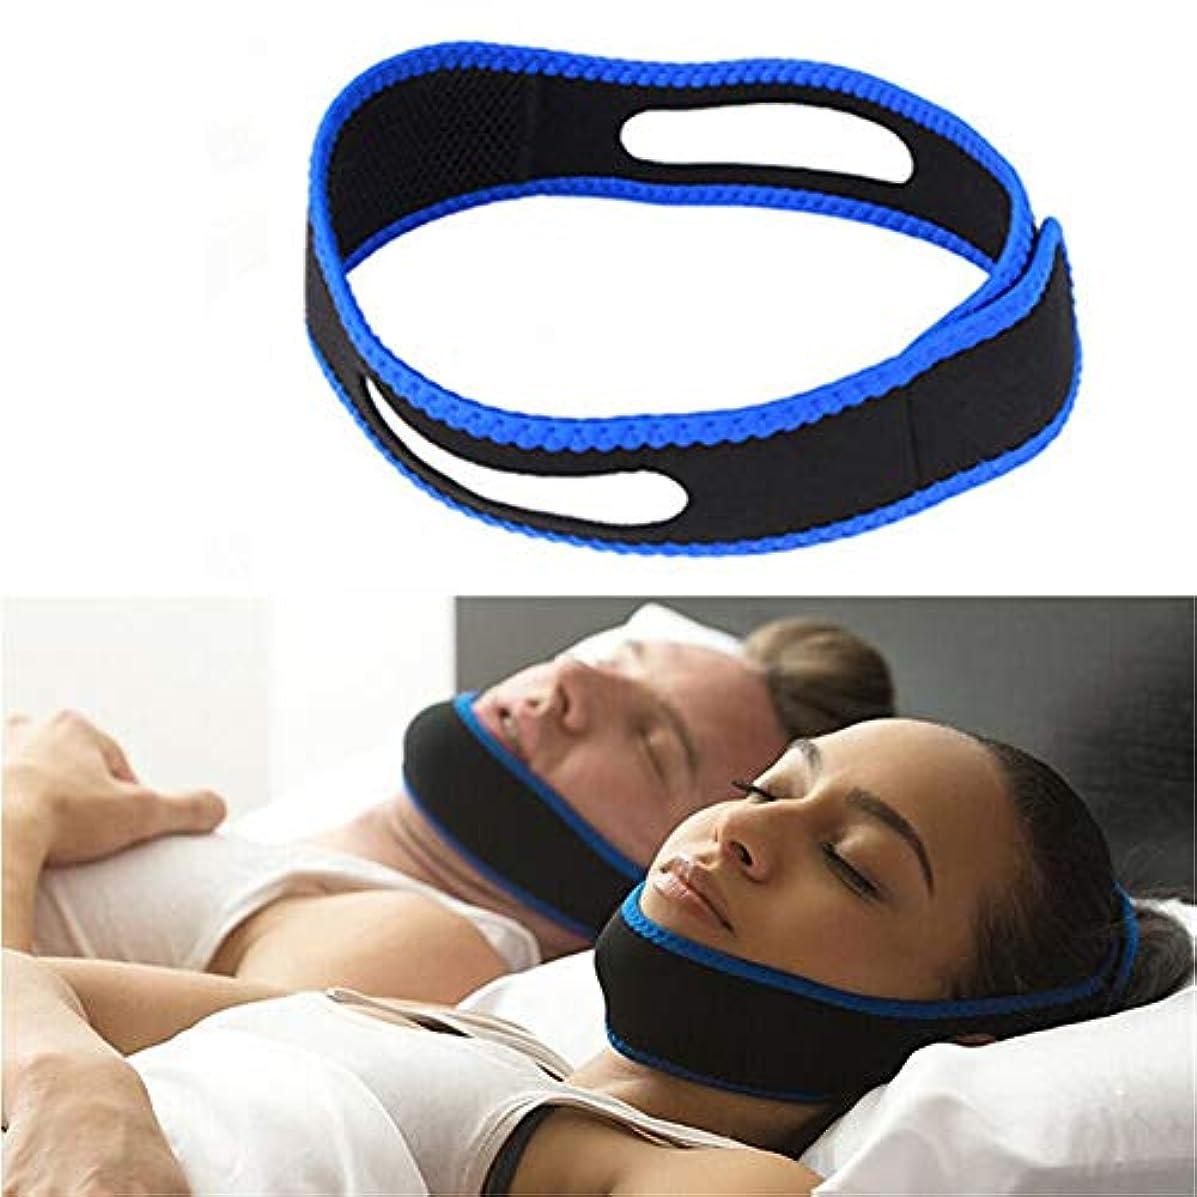 小石瞬時に麻痺させるAngzhili いびき軽減グッズ いびき防止装置 いびき対策グッズ 睡眠補助 快眠サポーター 肌に優しい サイズ調整可能 男女兼用